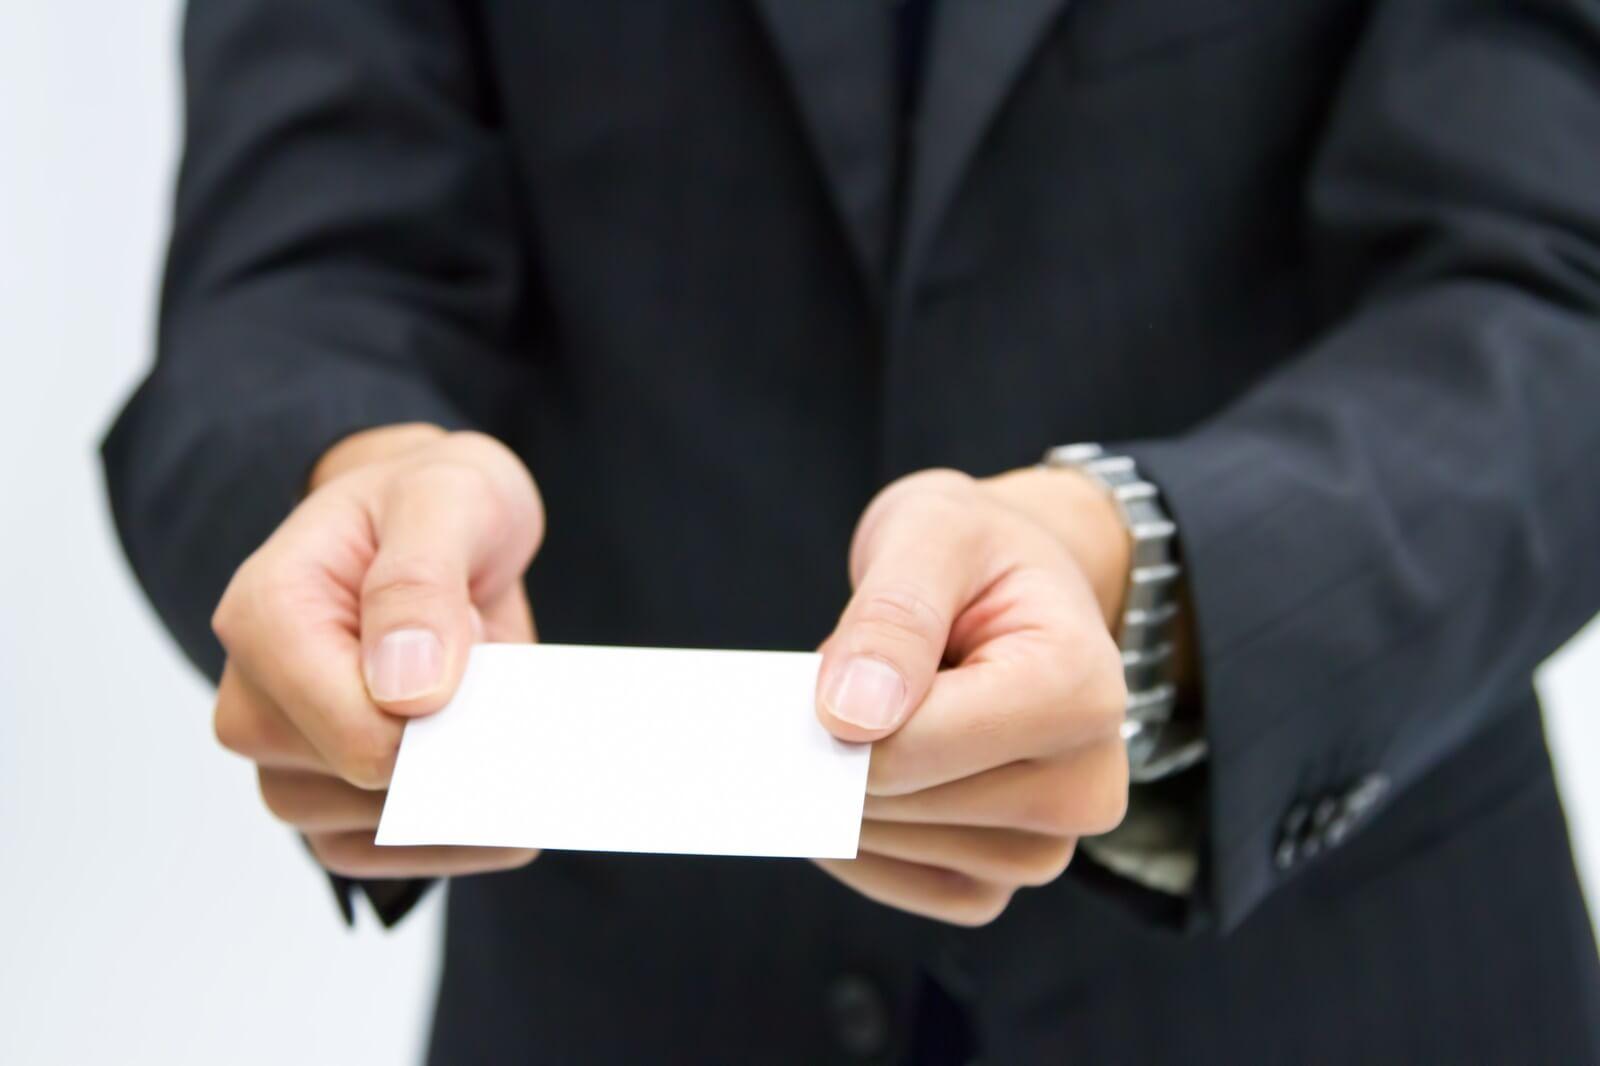 離婚したいと思ったら弁護士を雇うべきか?~りぃの場合~